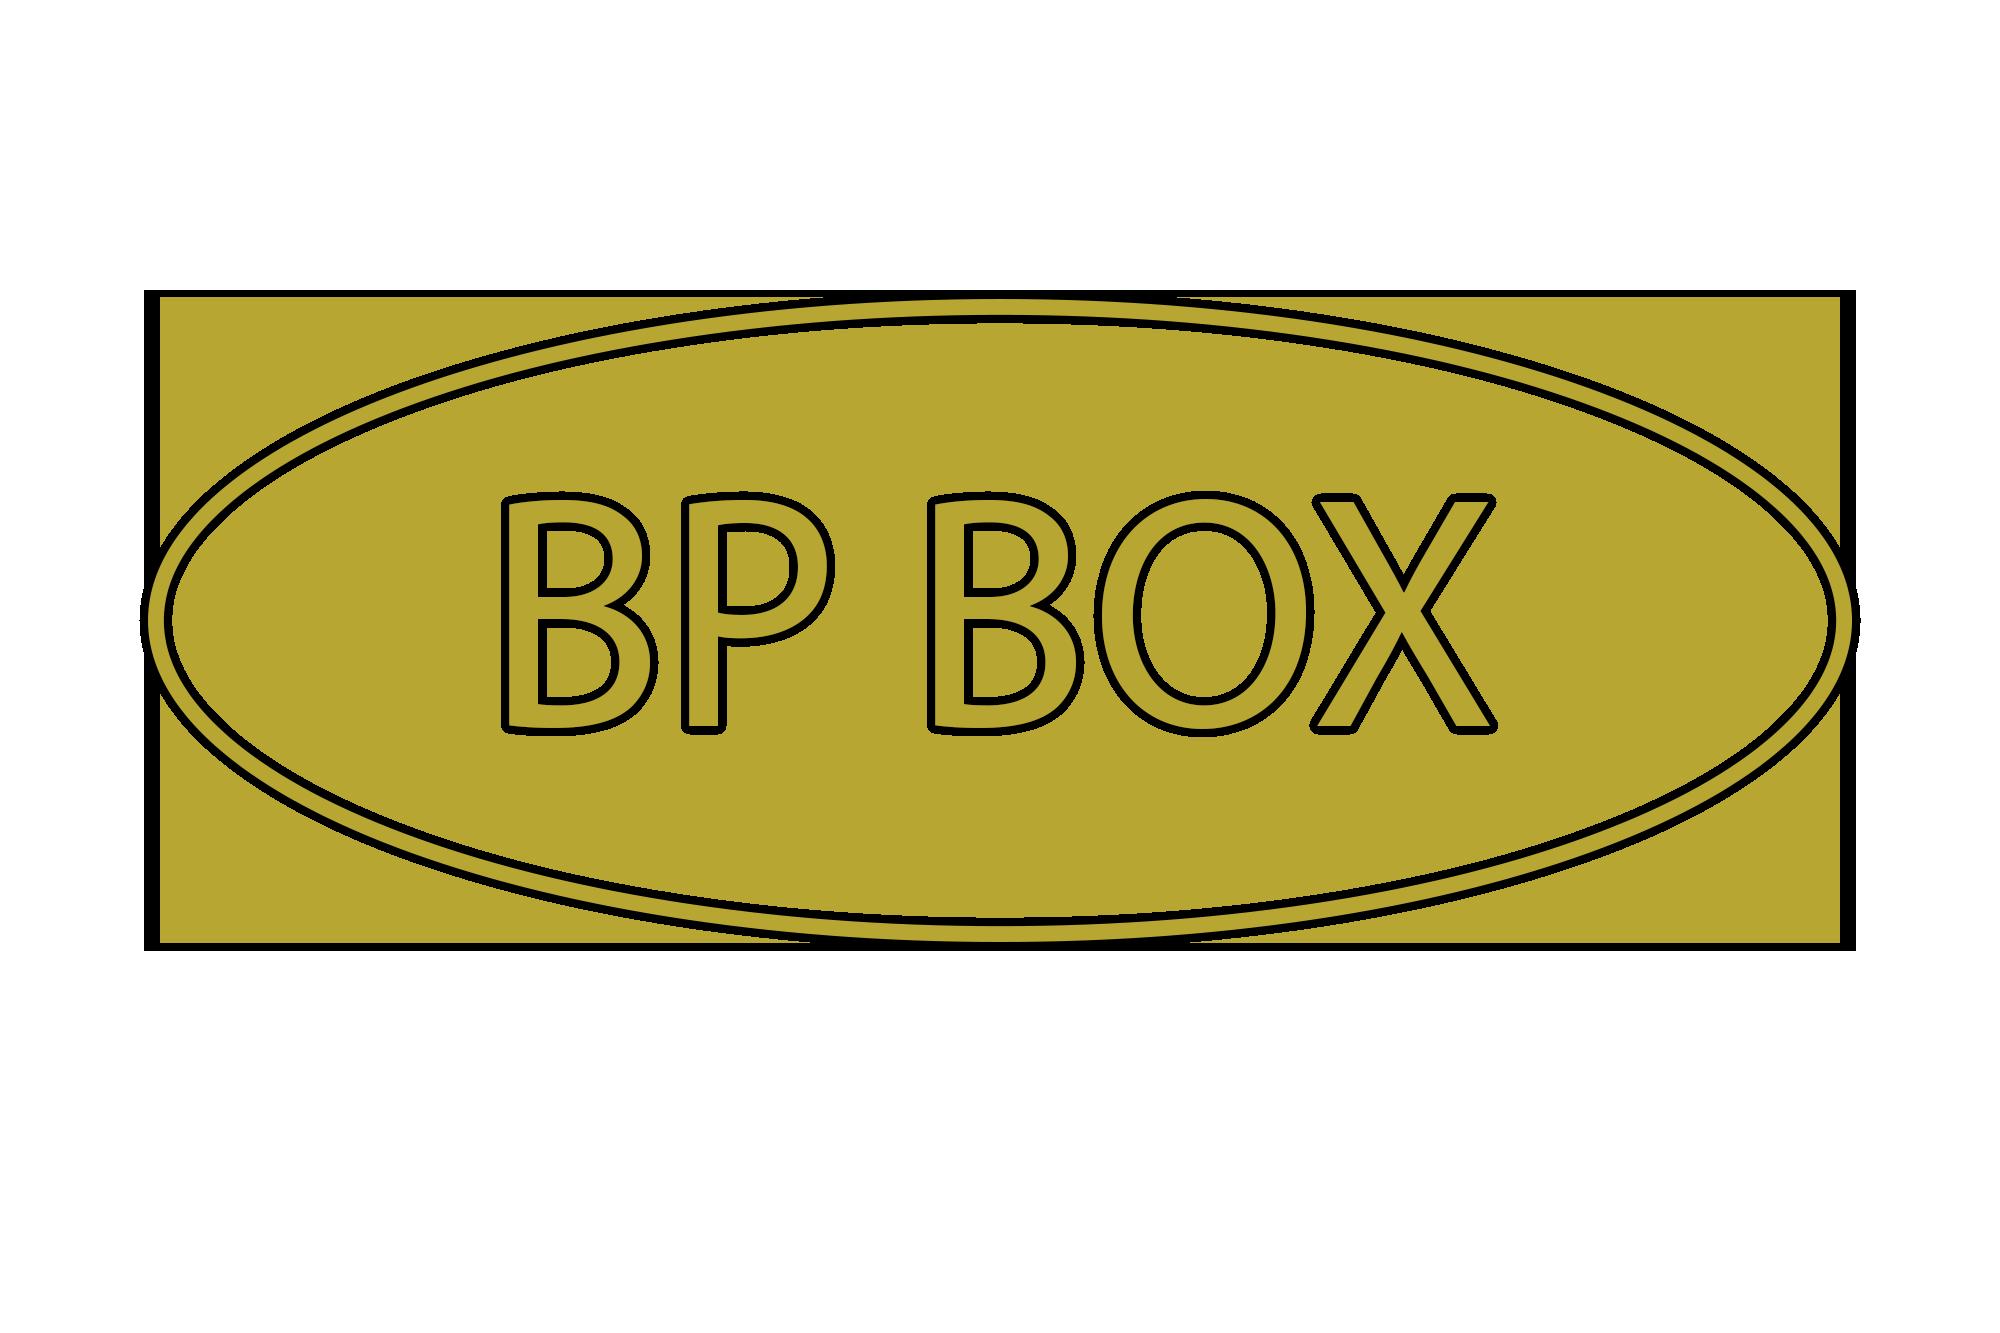 BP BOX egyedi ajándékok